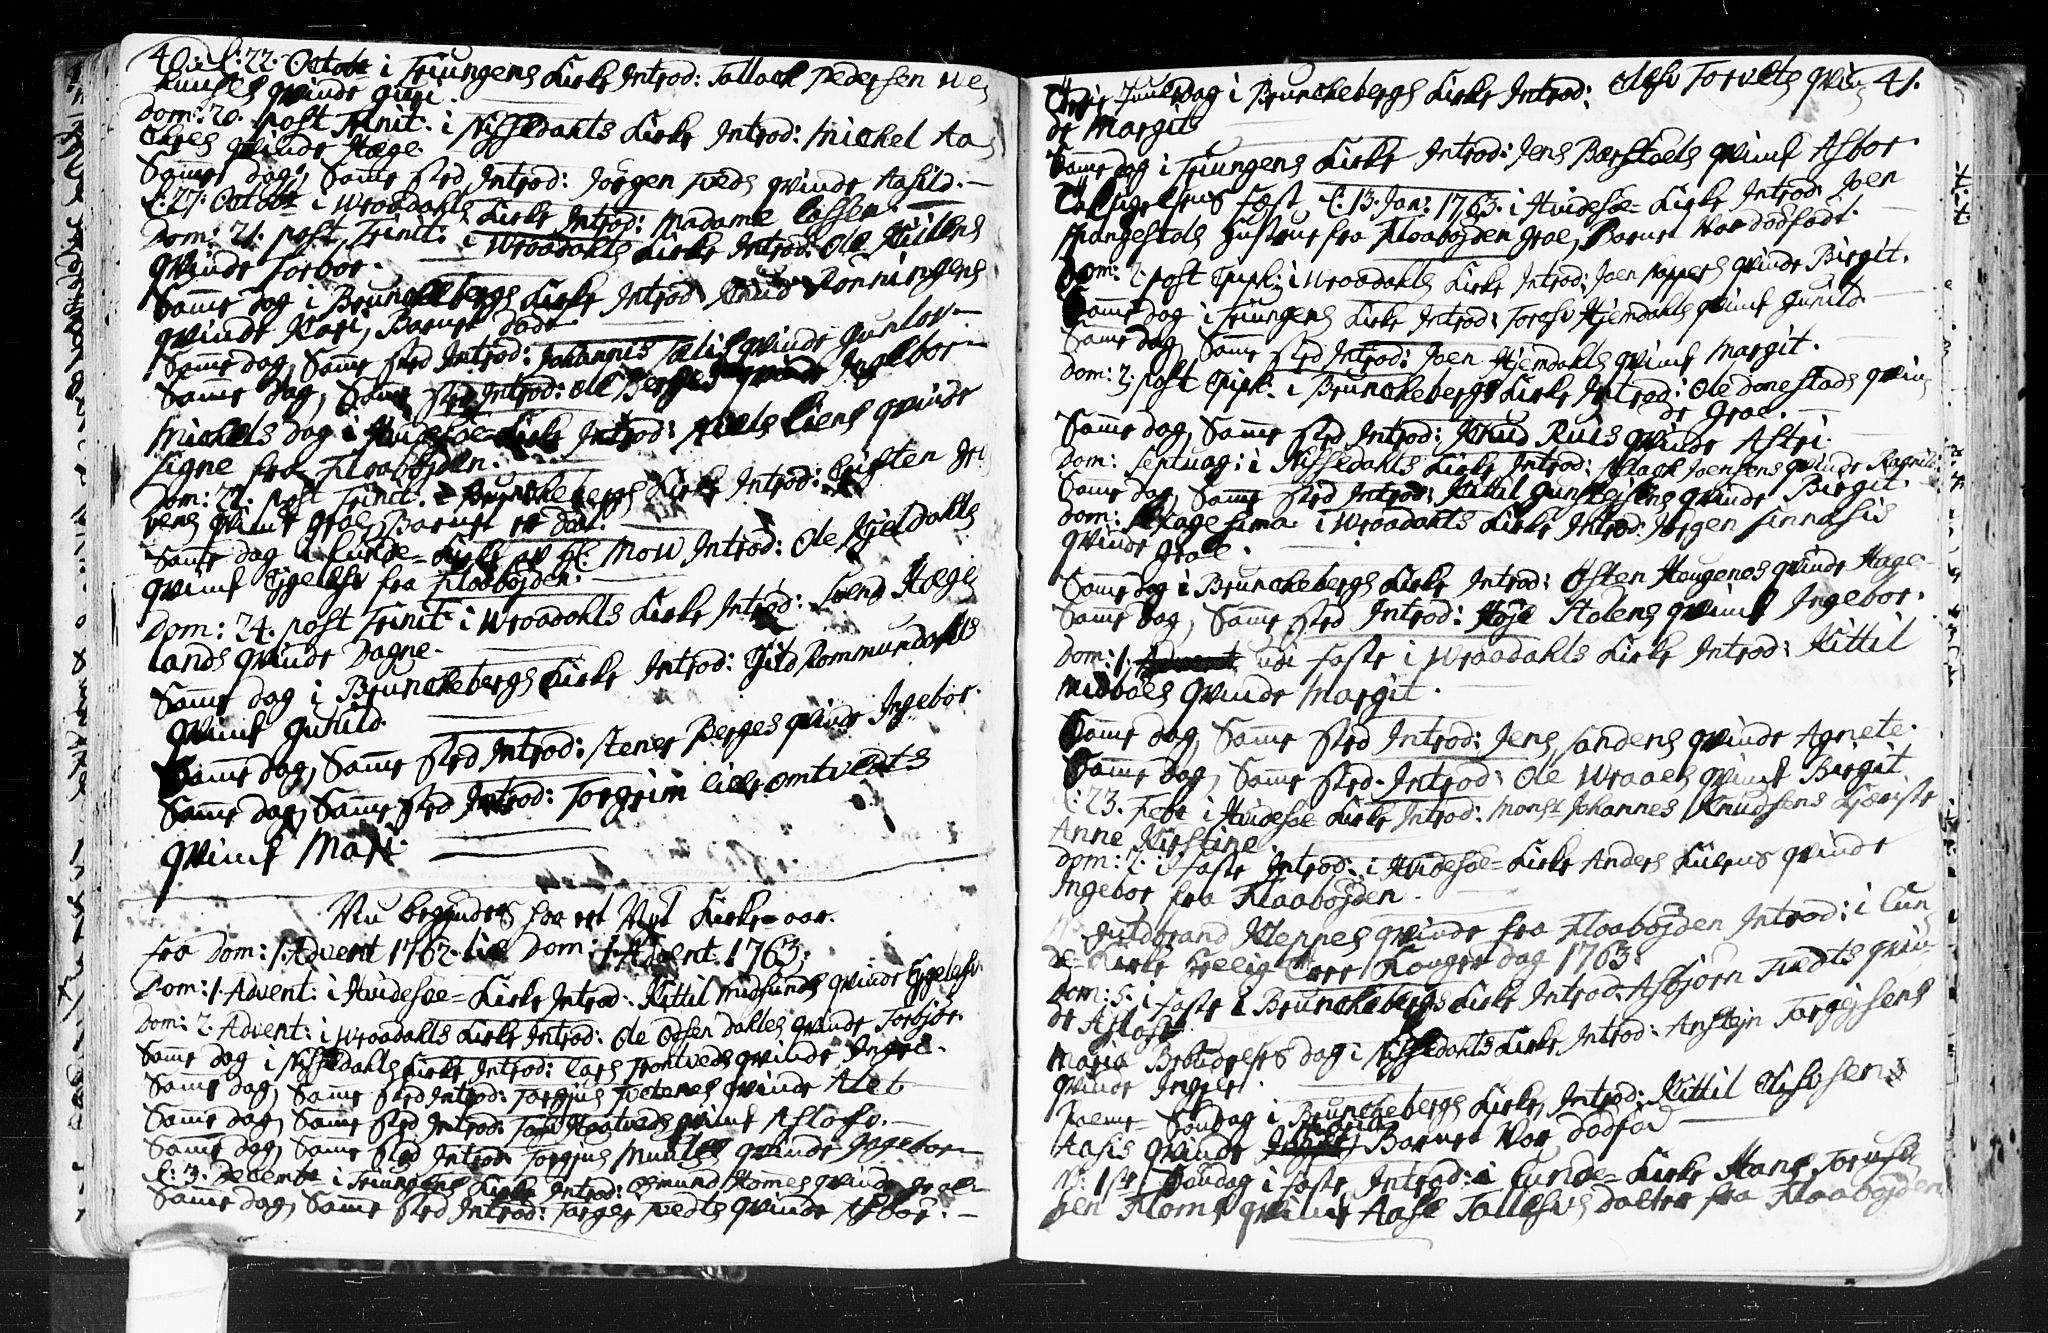 SAKO, Kviteseid kirkebøker, F/Fa/L0001: Ministerialbok nr. I 1, 1754-1773, s. 40-41